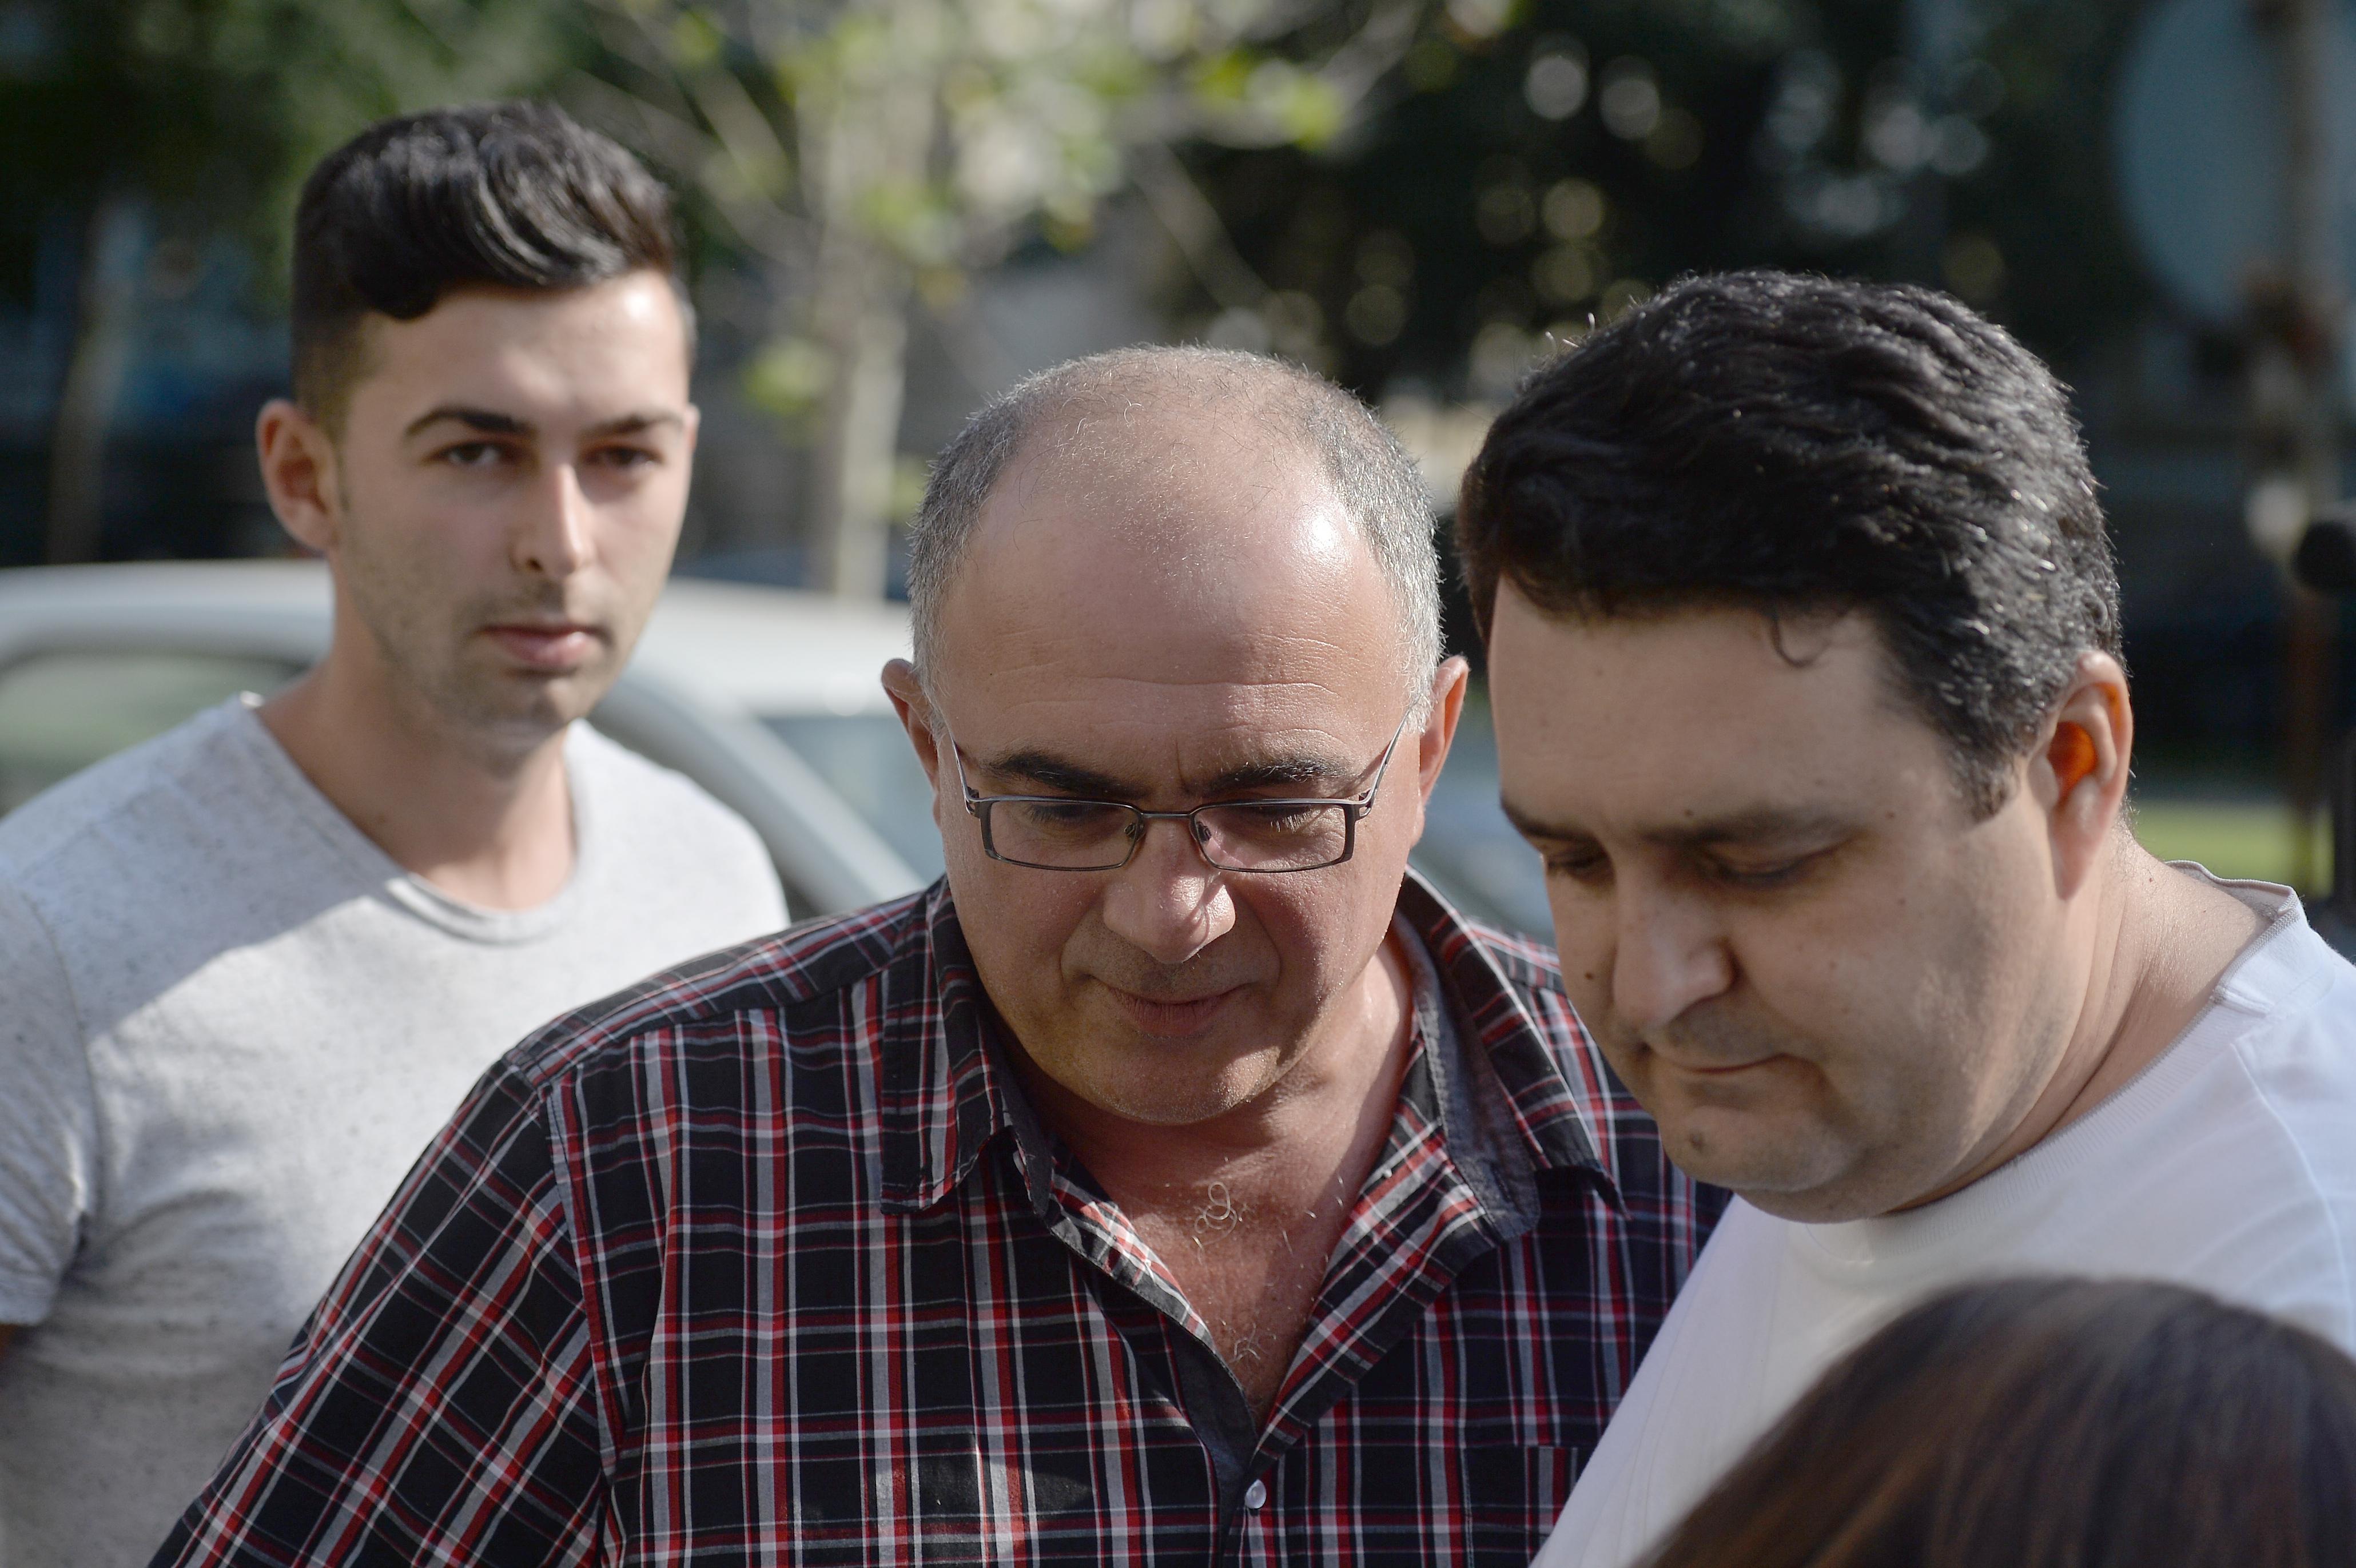 Nouă persoane, reţinute în dosarul în care este implicat directorul fermei deţinute de fiul lui Liviu Dragnea